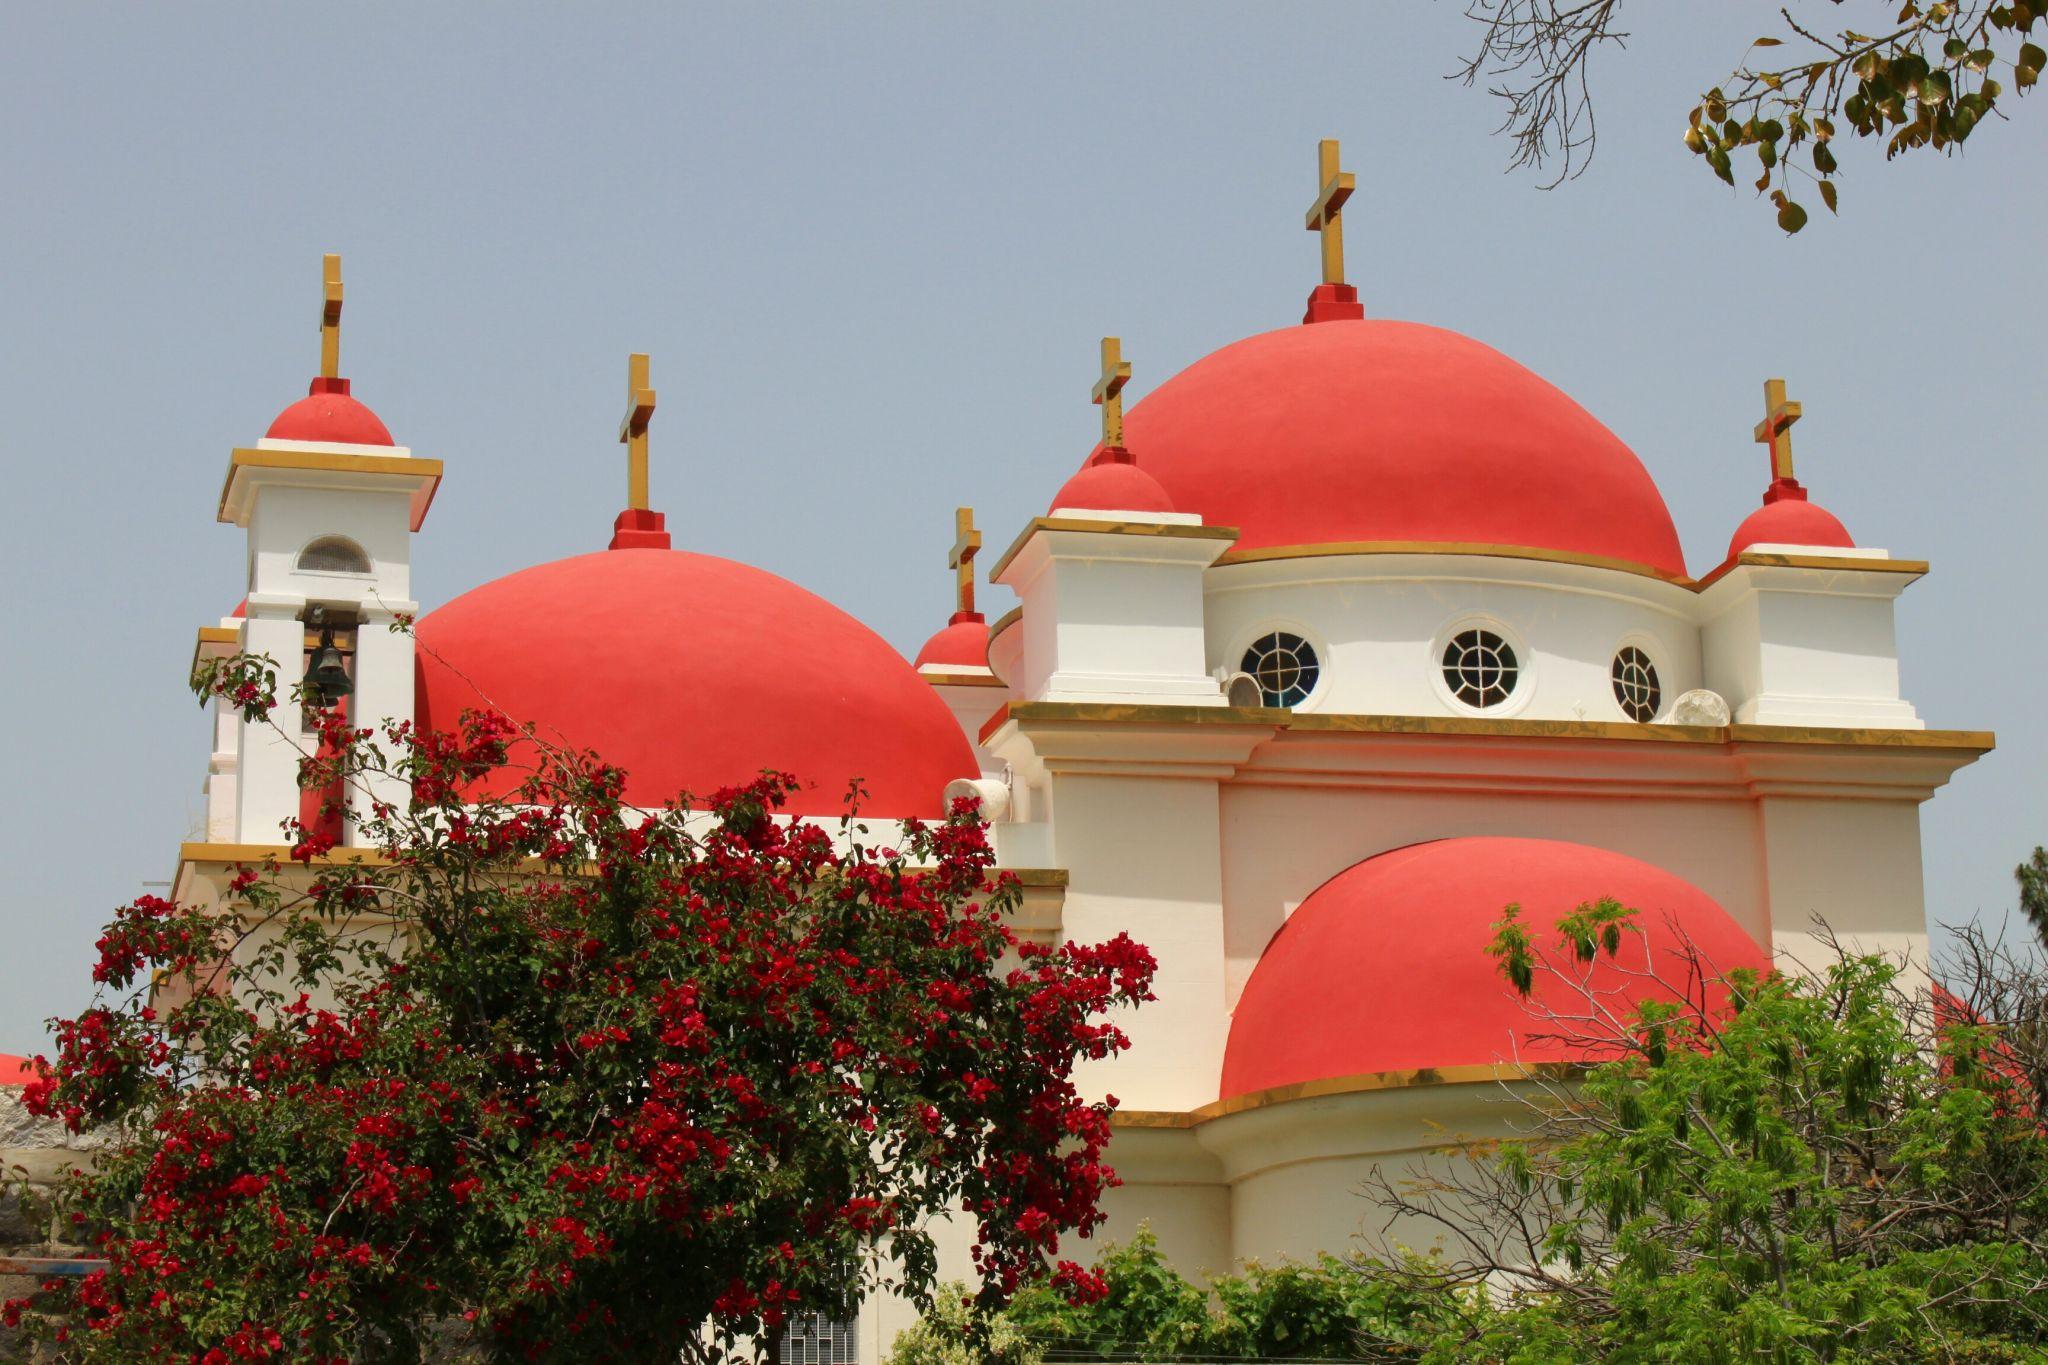 griechisch-orthodoxe Kirche in Kafarnaum, Israel